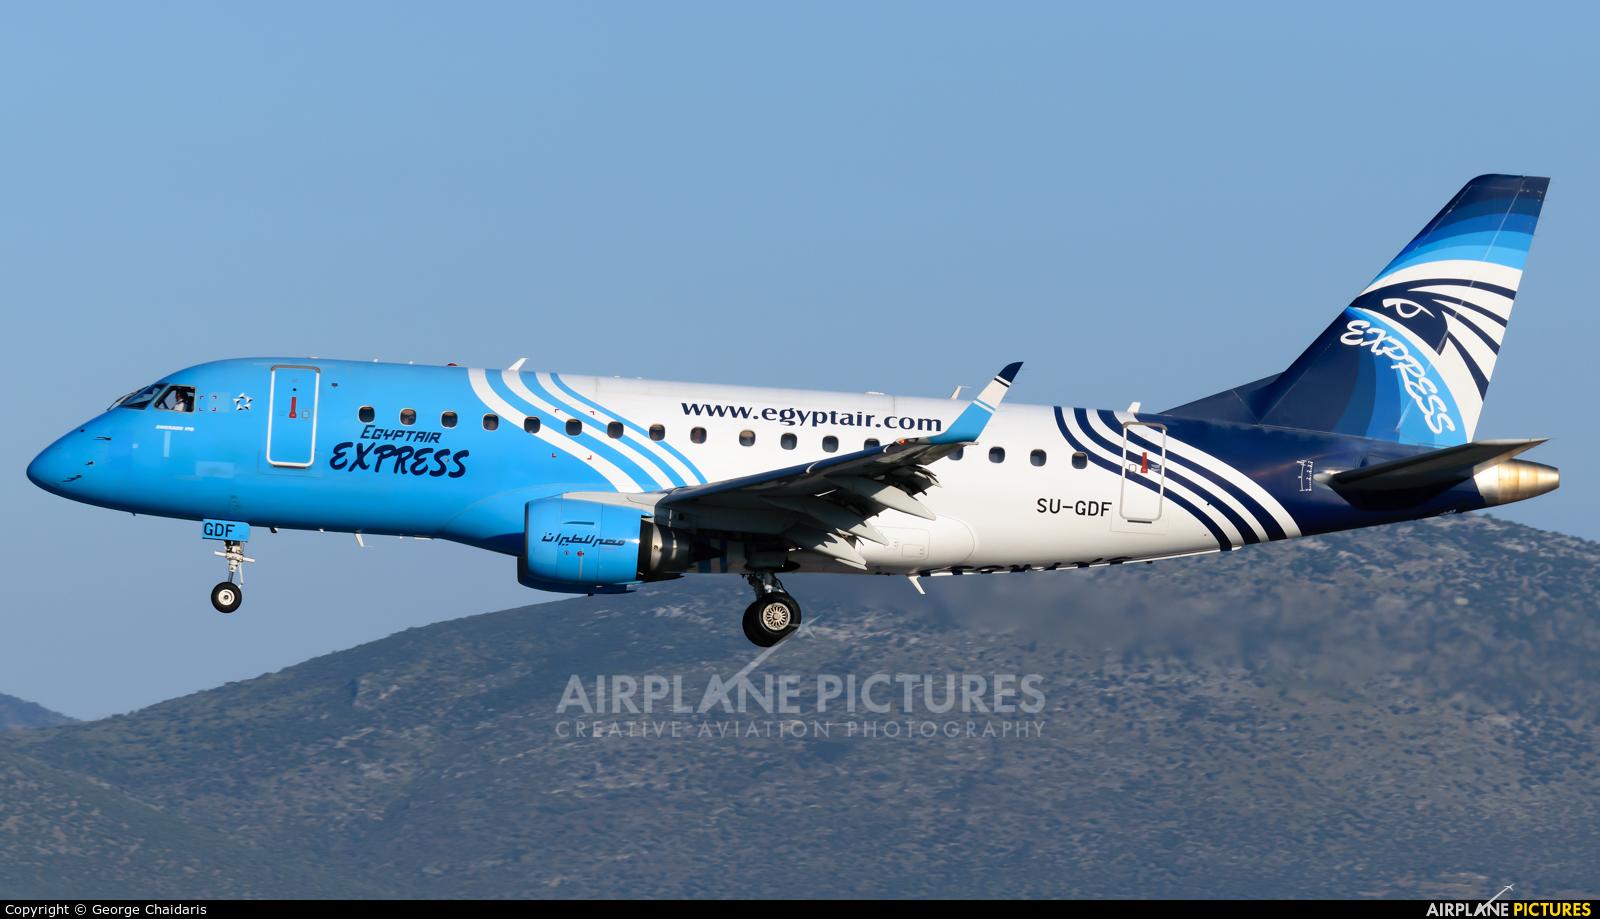 Egyptair Express SU-GDF aircraft at Athens - Eleftherios Venizelos